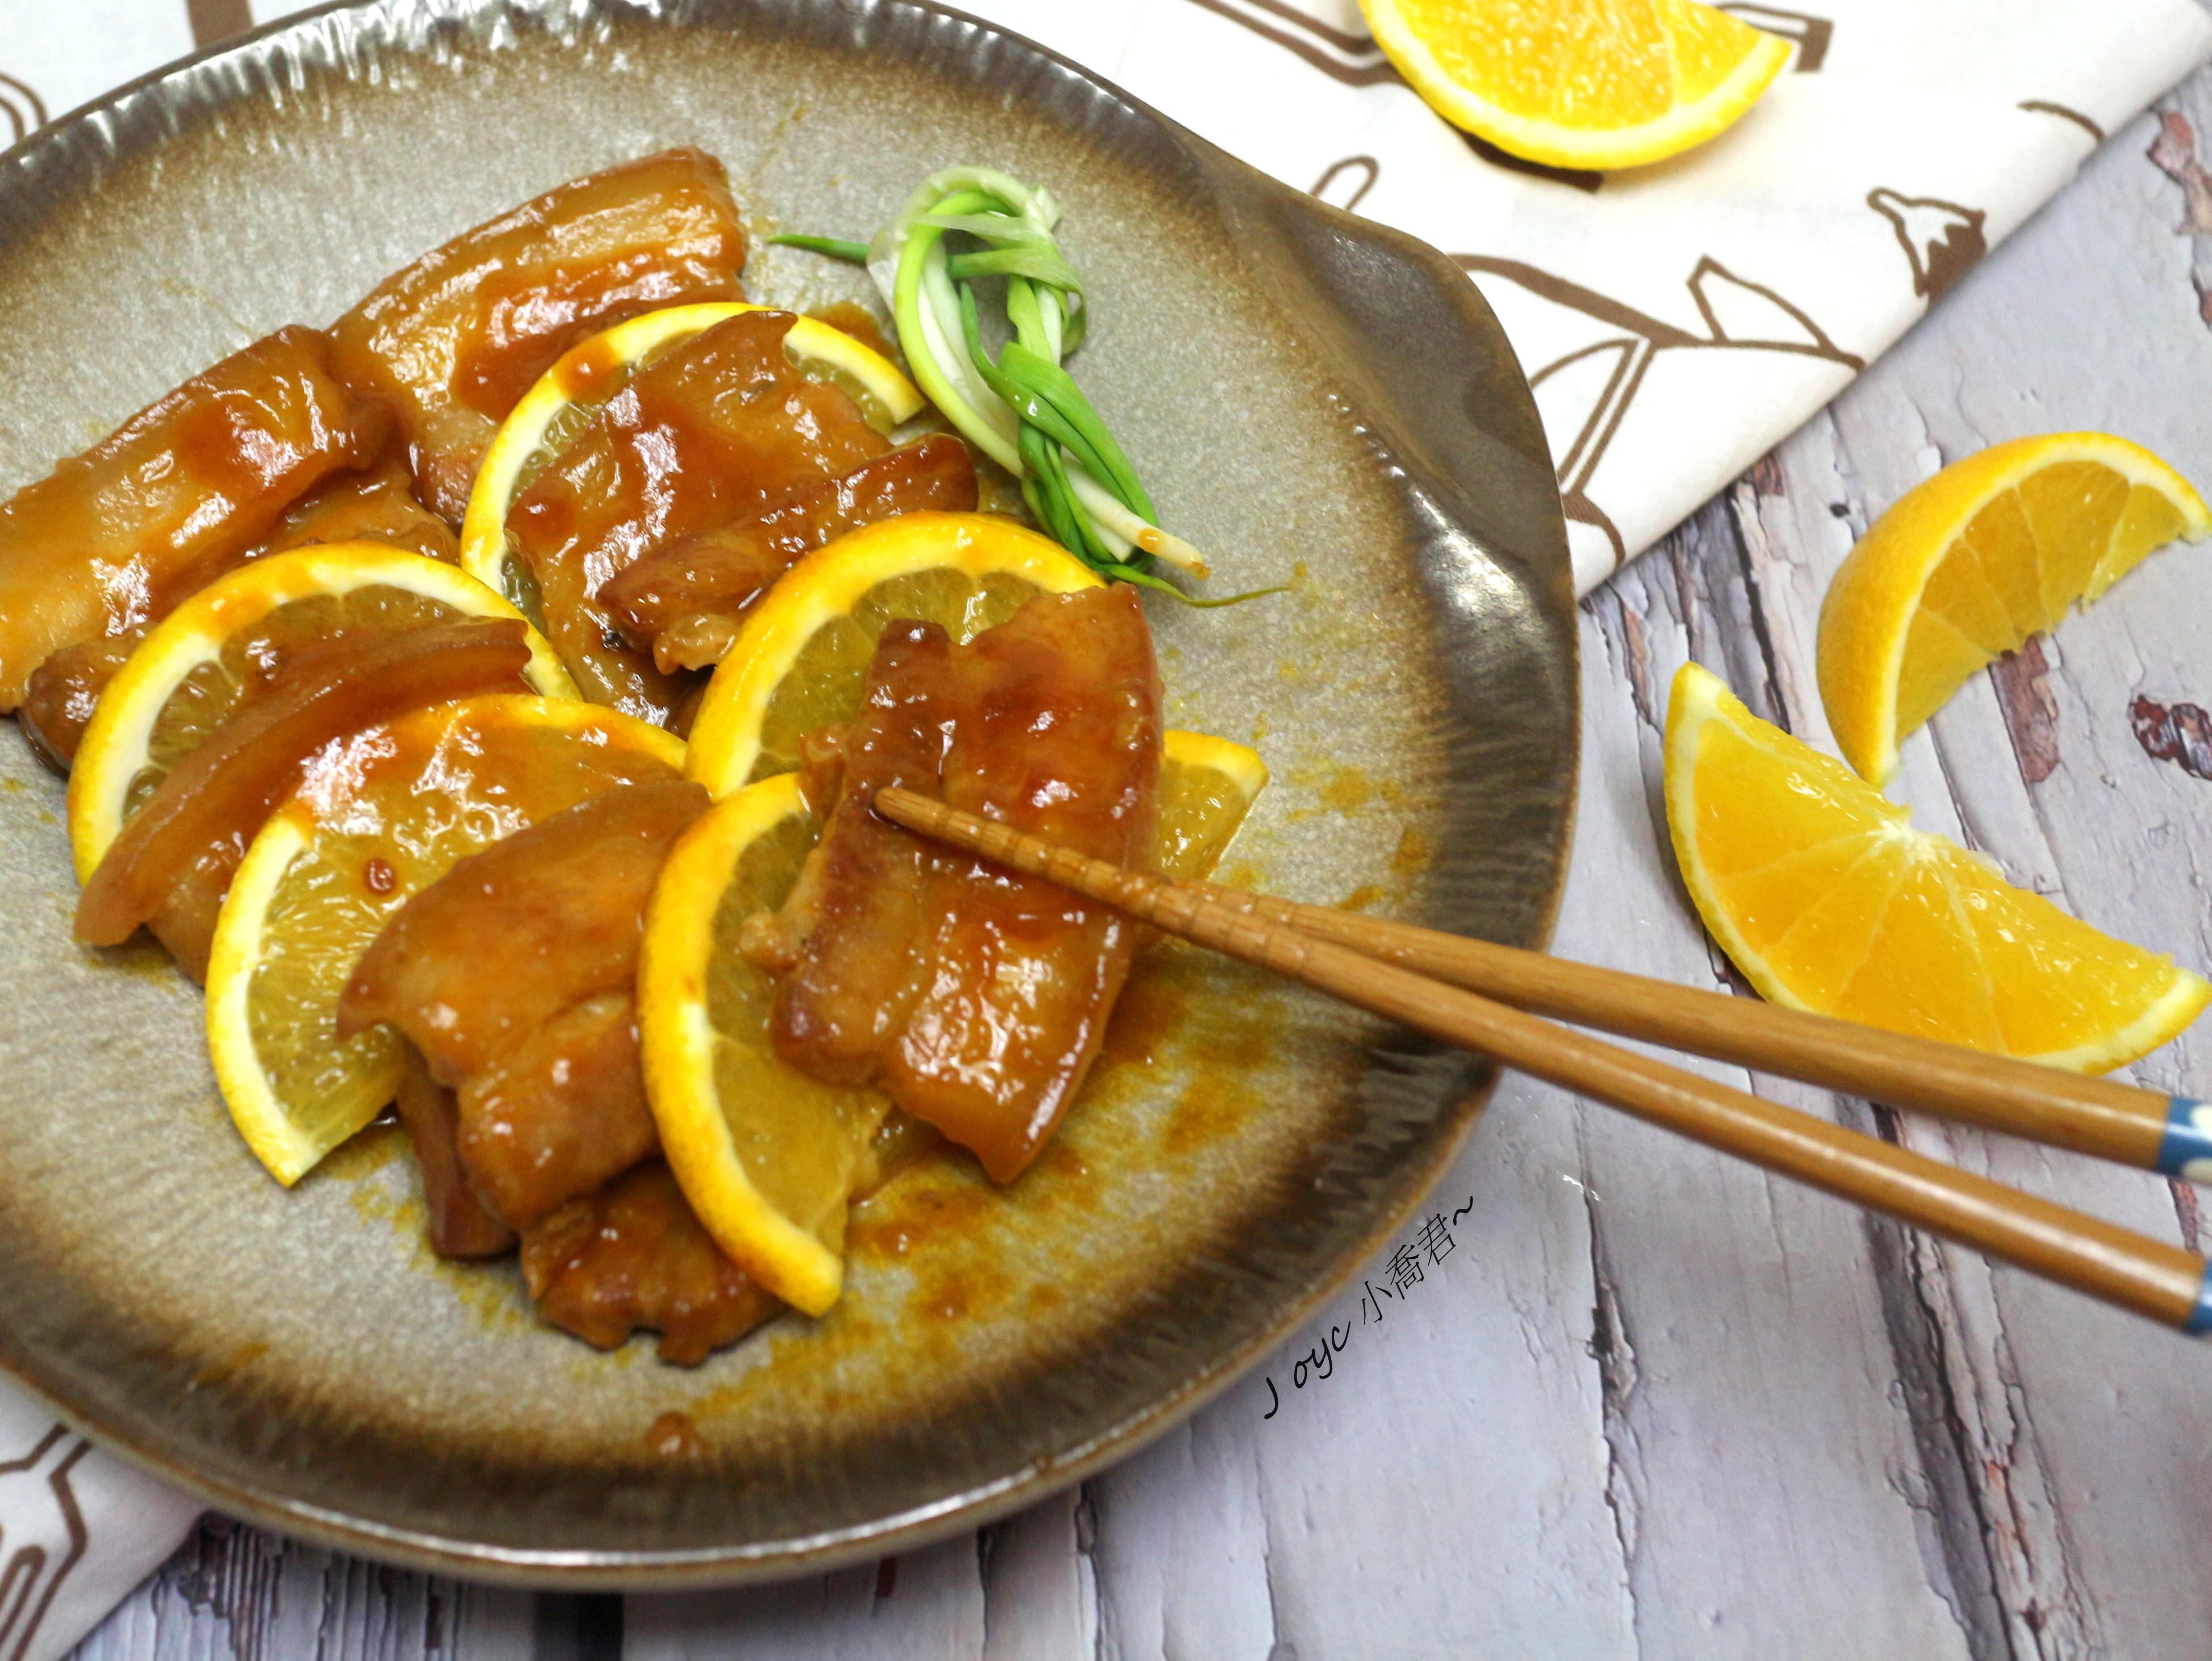 酸甜橙汁燉煮五花肉